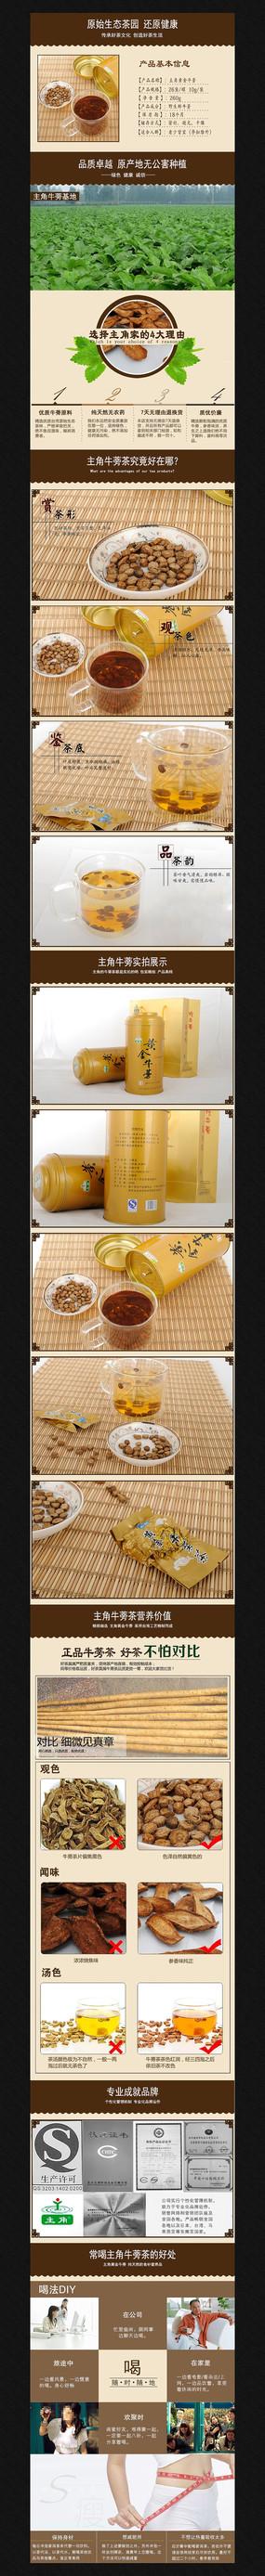 淘宝茶叶详情页描述模板